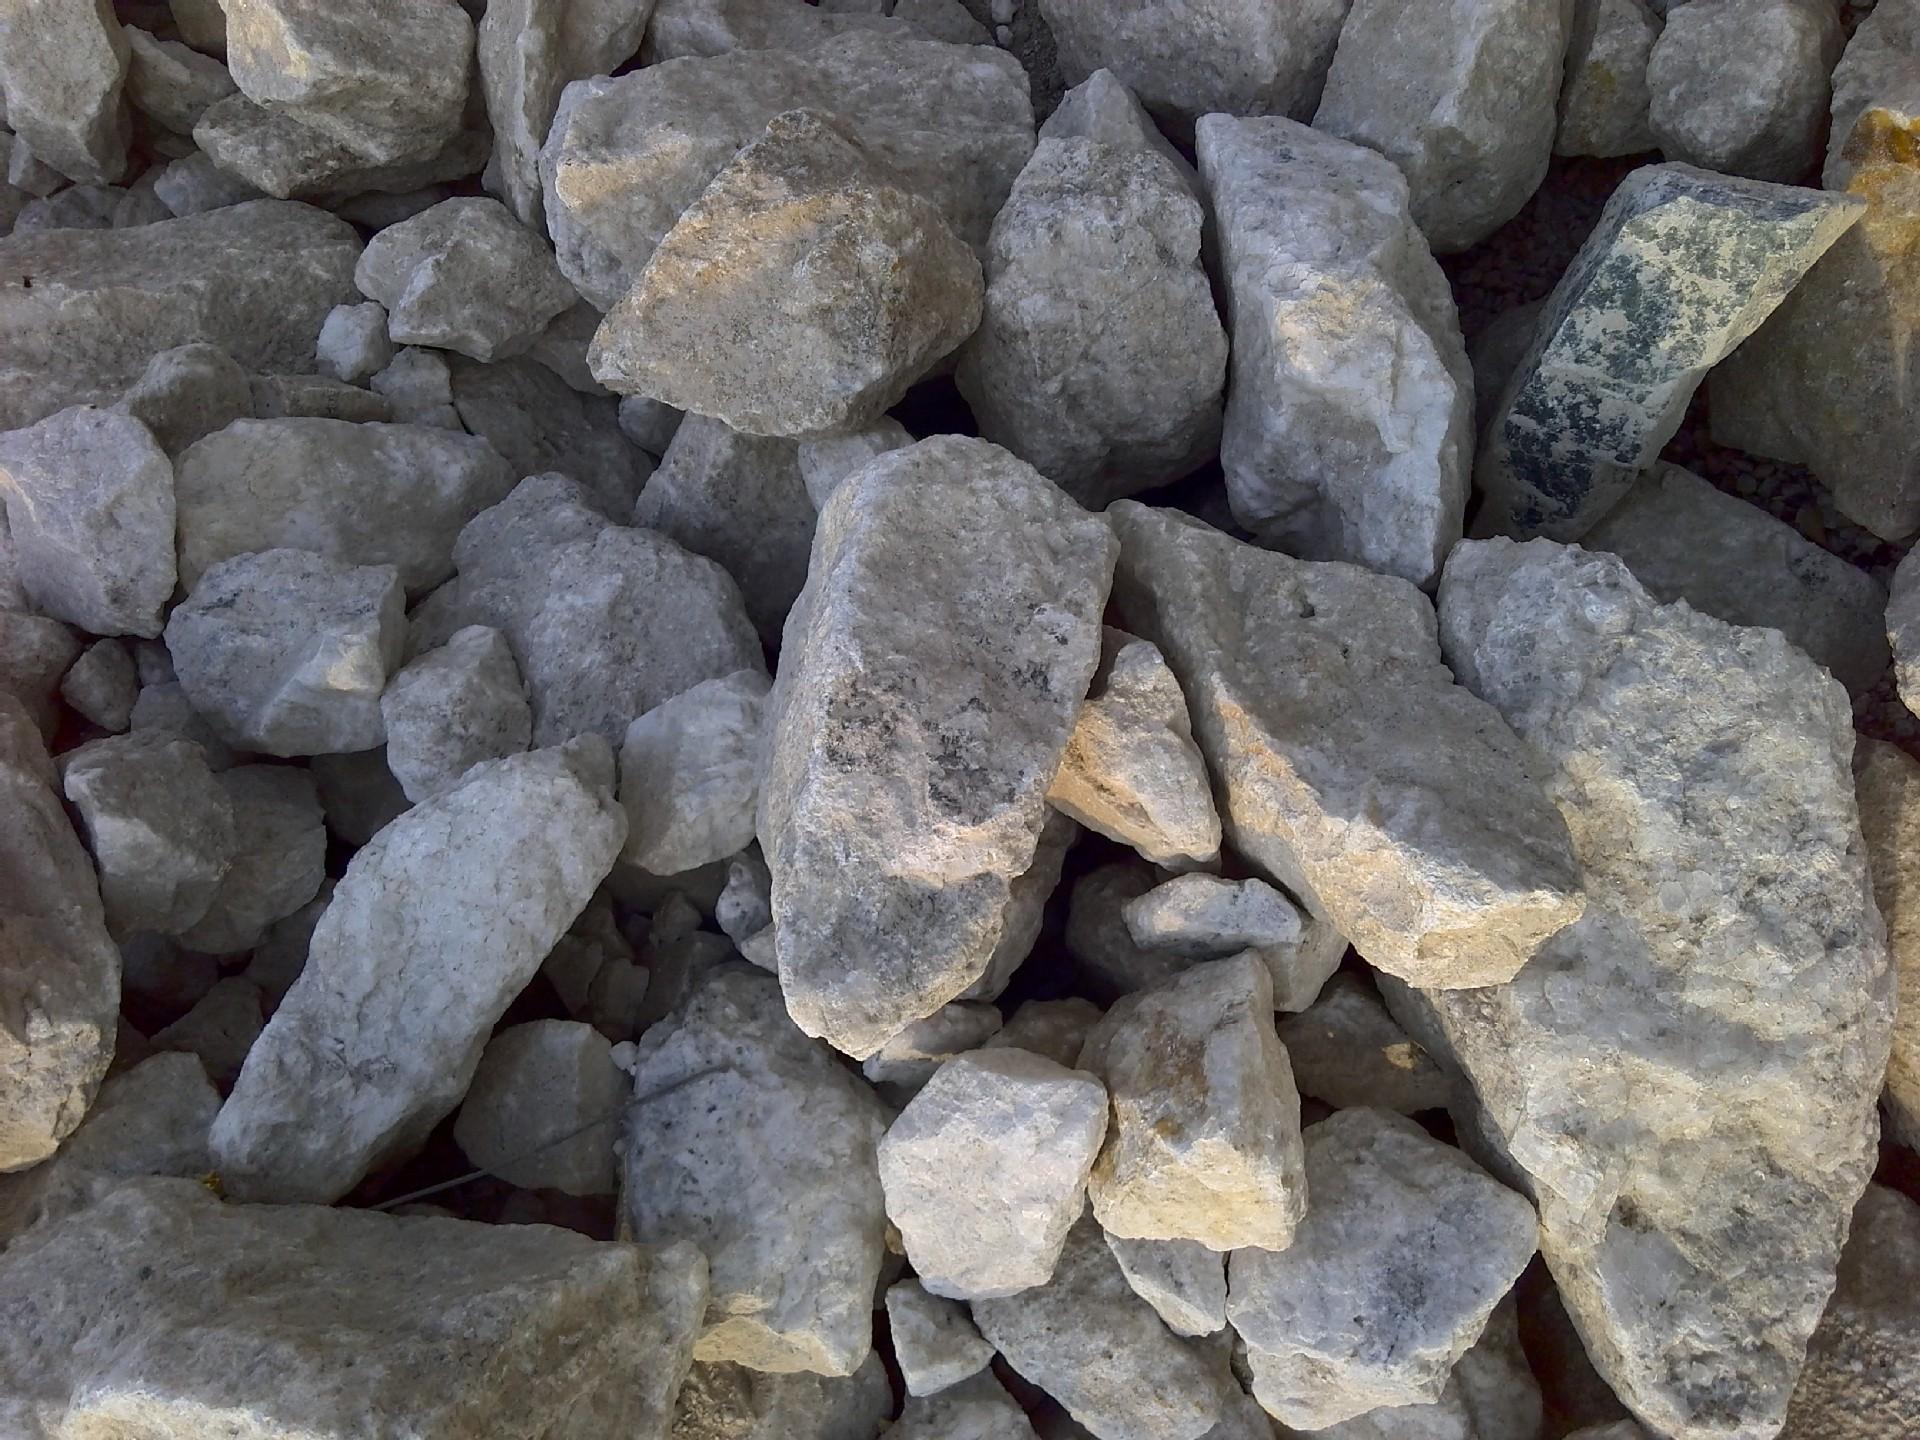 HUAGUAN Khoáng sản phi kim loại Cung cấp lớn fenspat kali cao, hạt fenspat kali trung bình